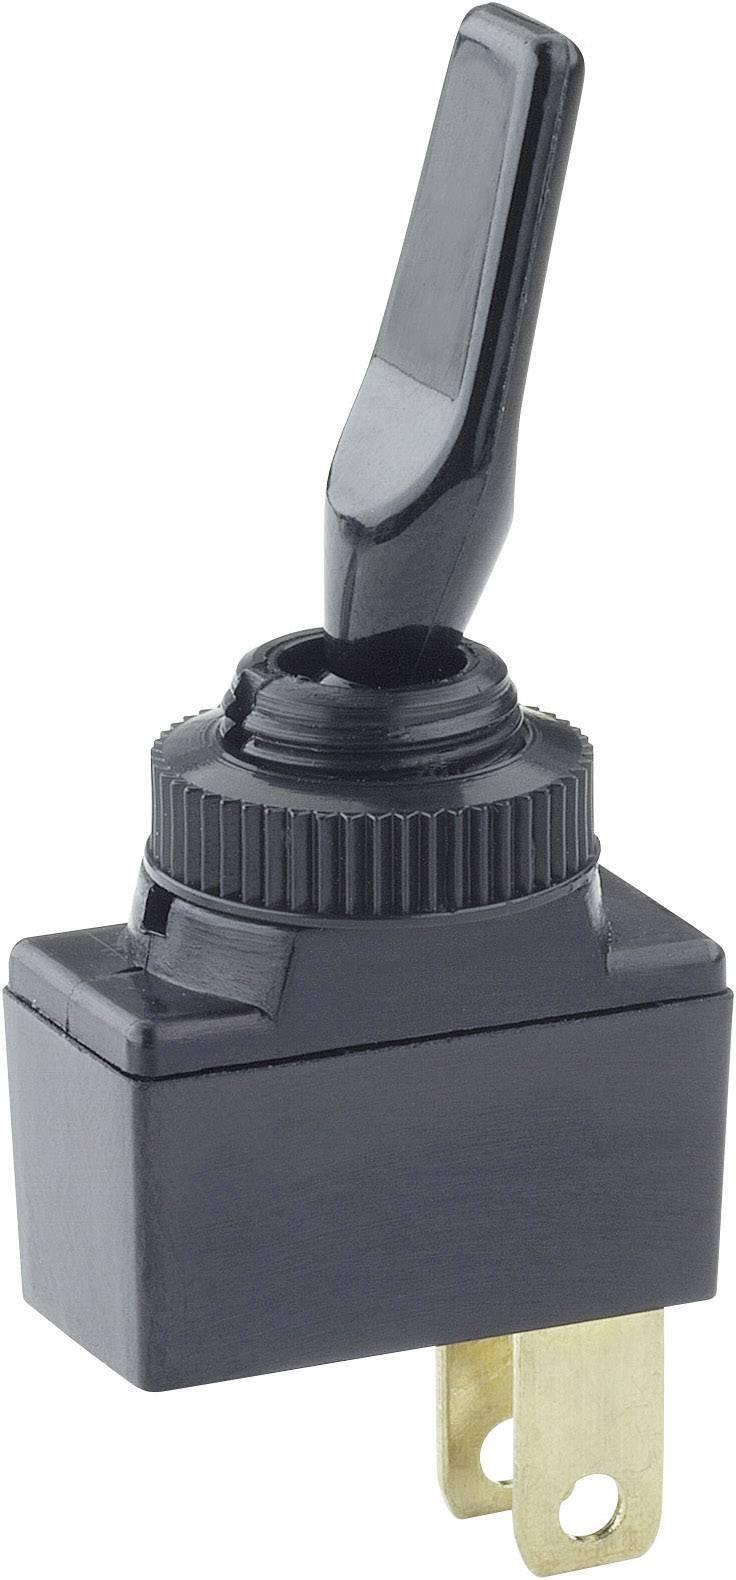 Páčkový přepínač do auta SCI R13-18BS-SQ, 12 V/DC, 10 A, s aretací, 1 ks